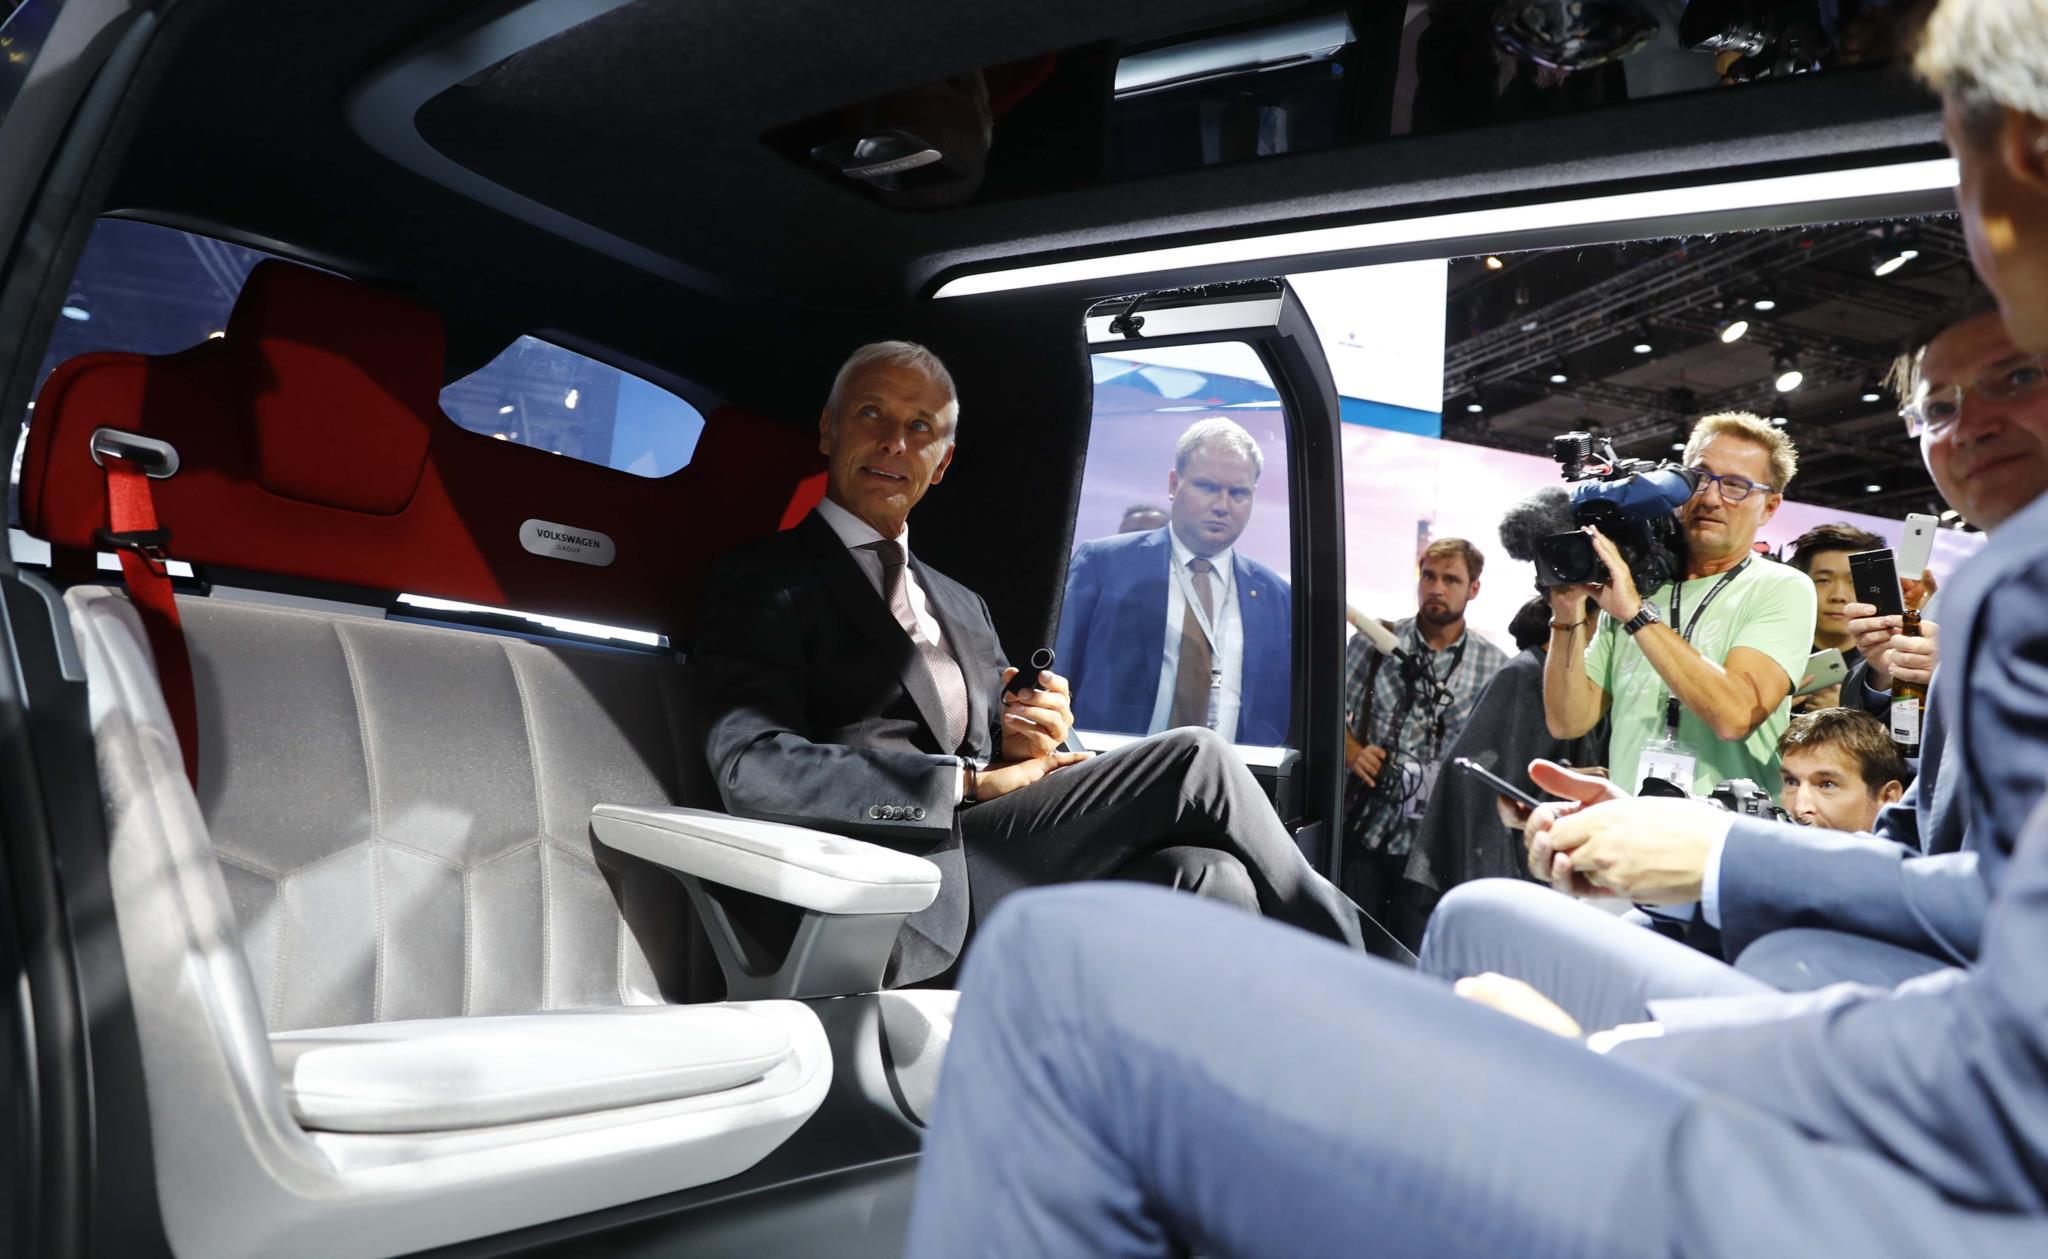 O director executivo da Volkswagen, Matthias Mueller, no interior do VW Sedric